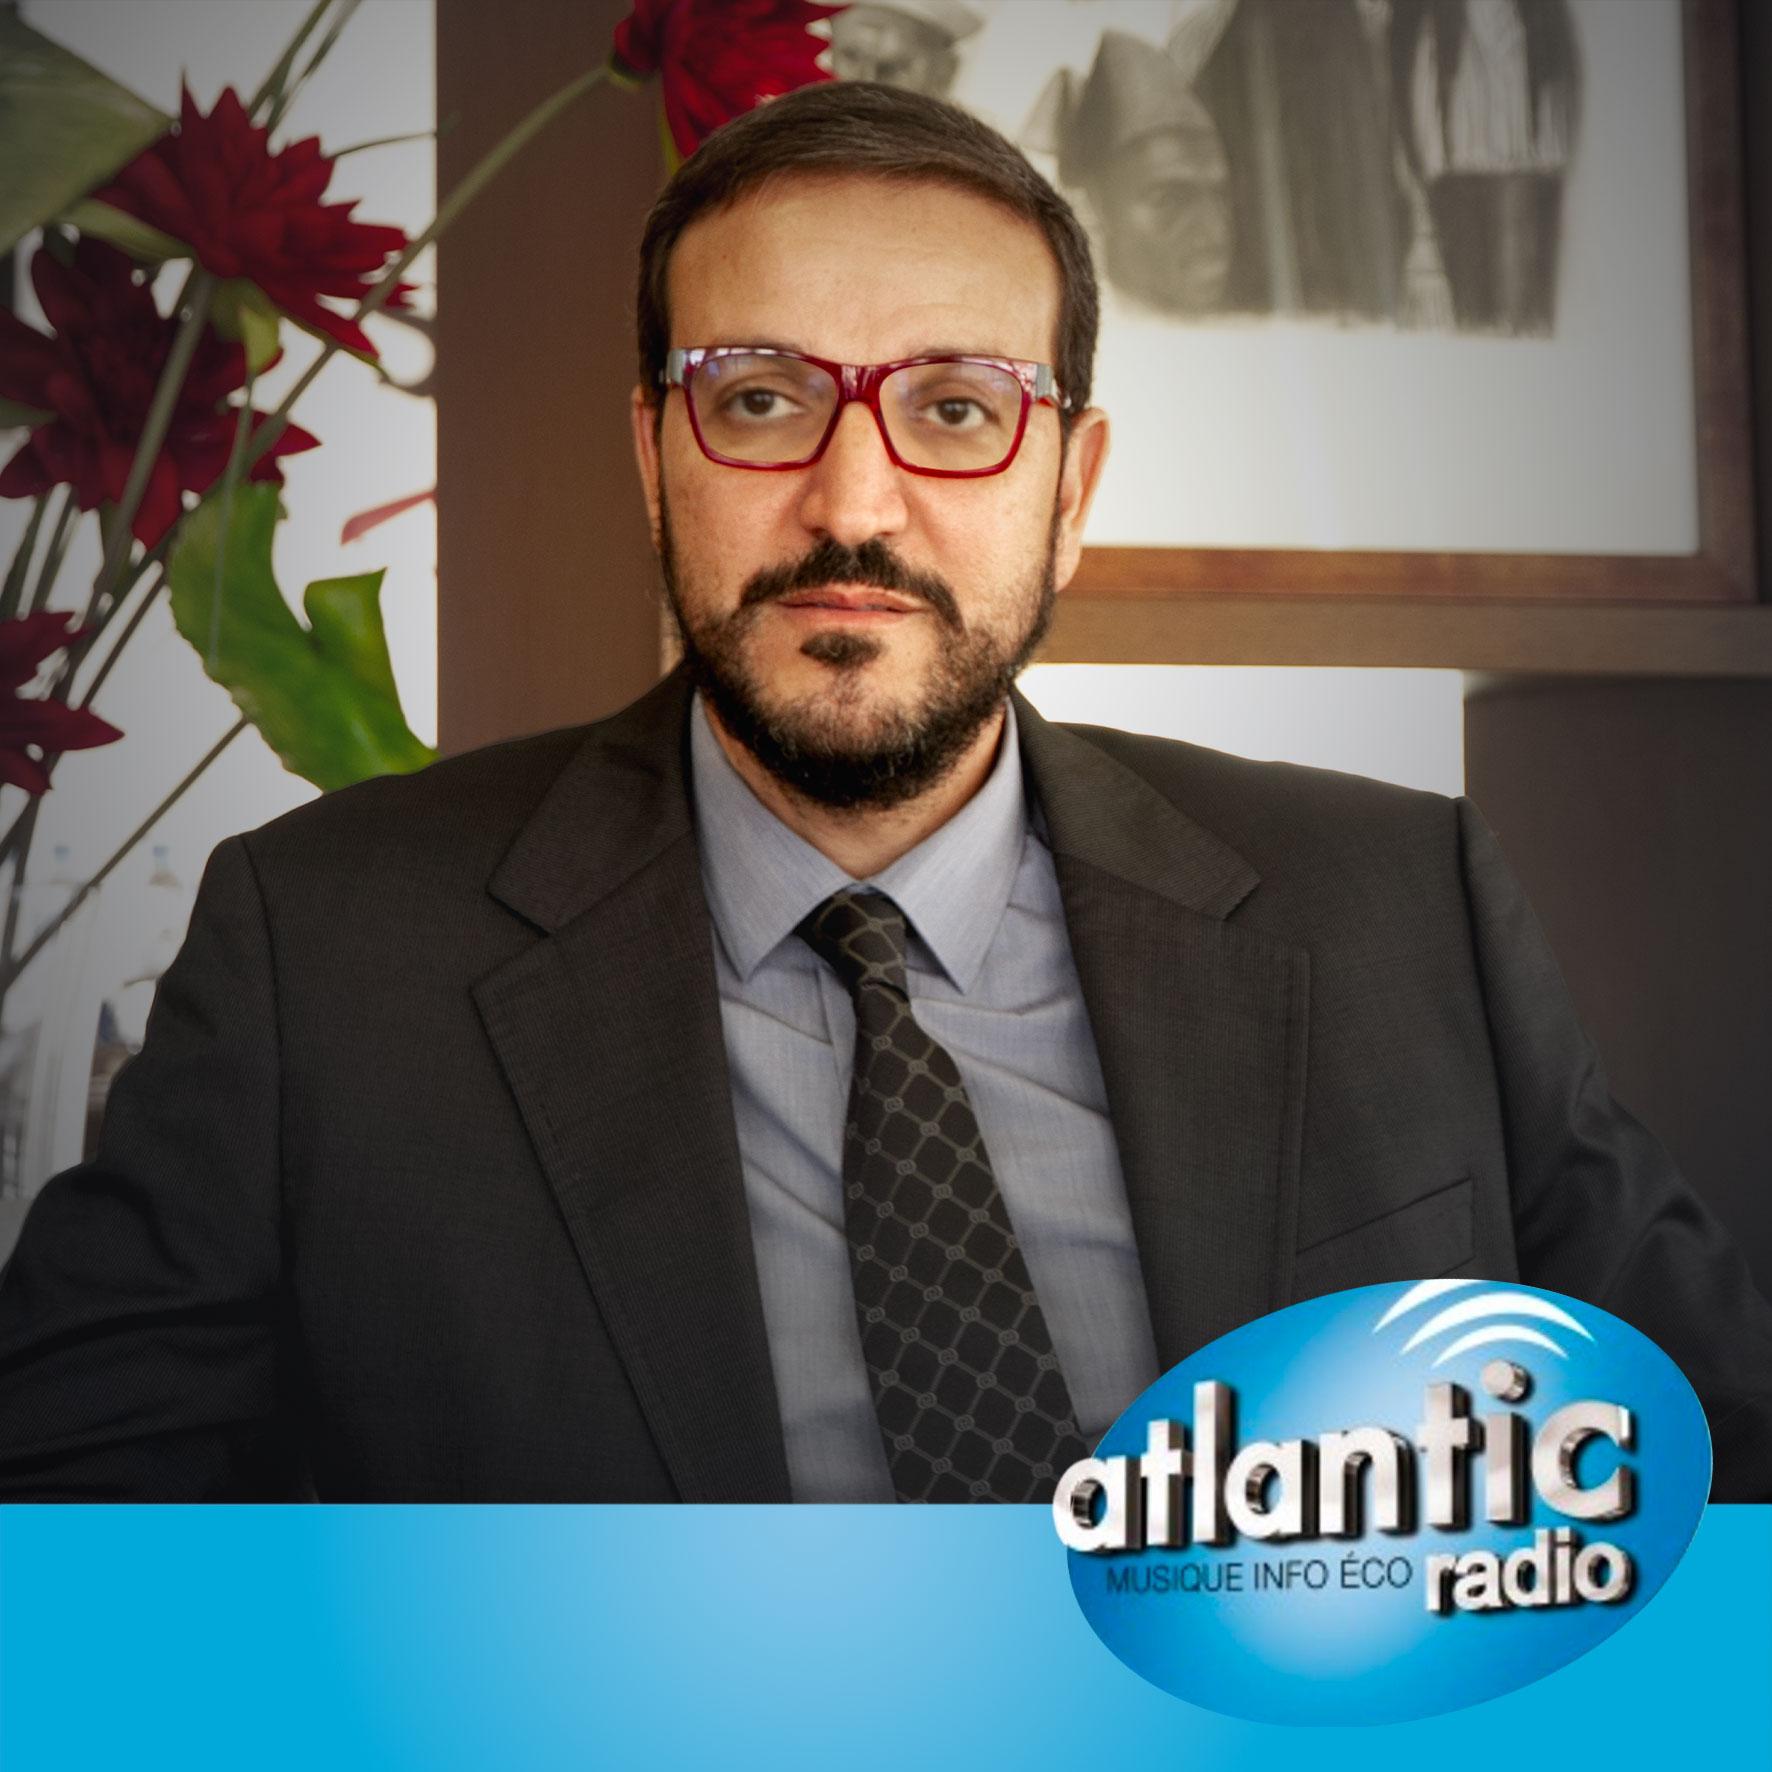 حوار رئيس المؤسسة على راديو أطلنتيك